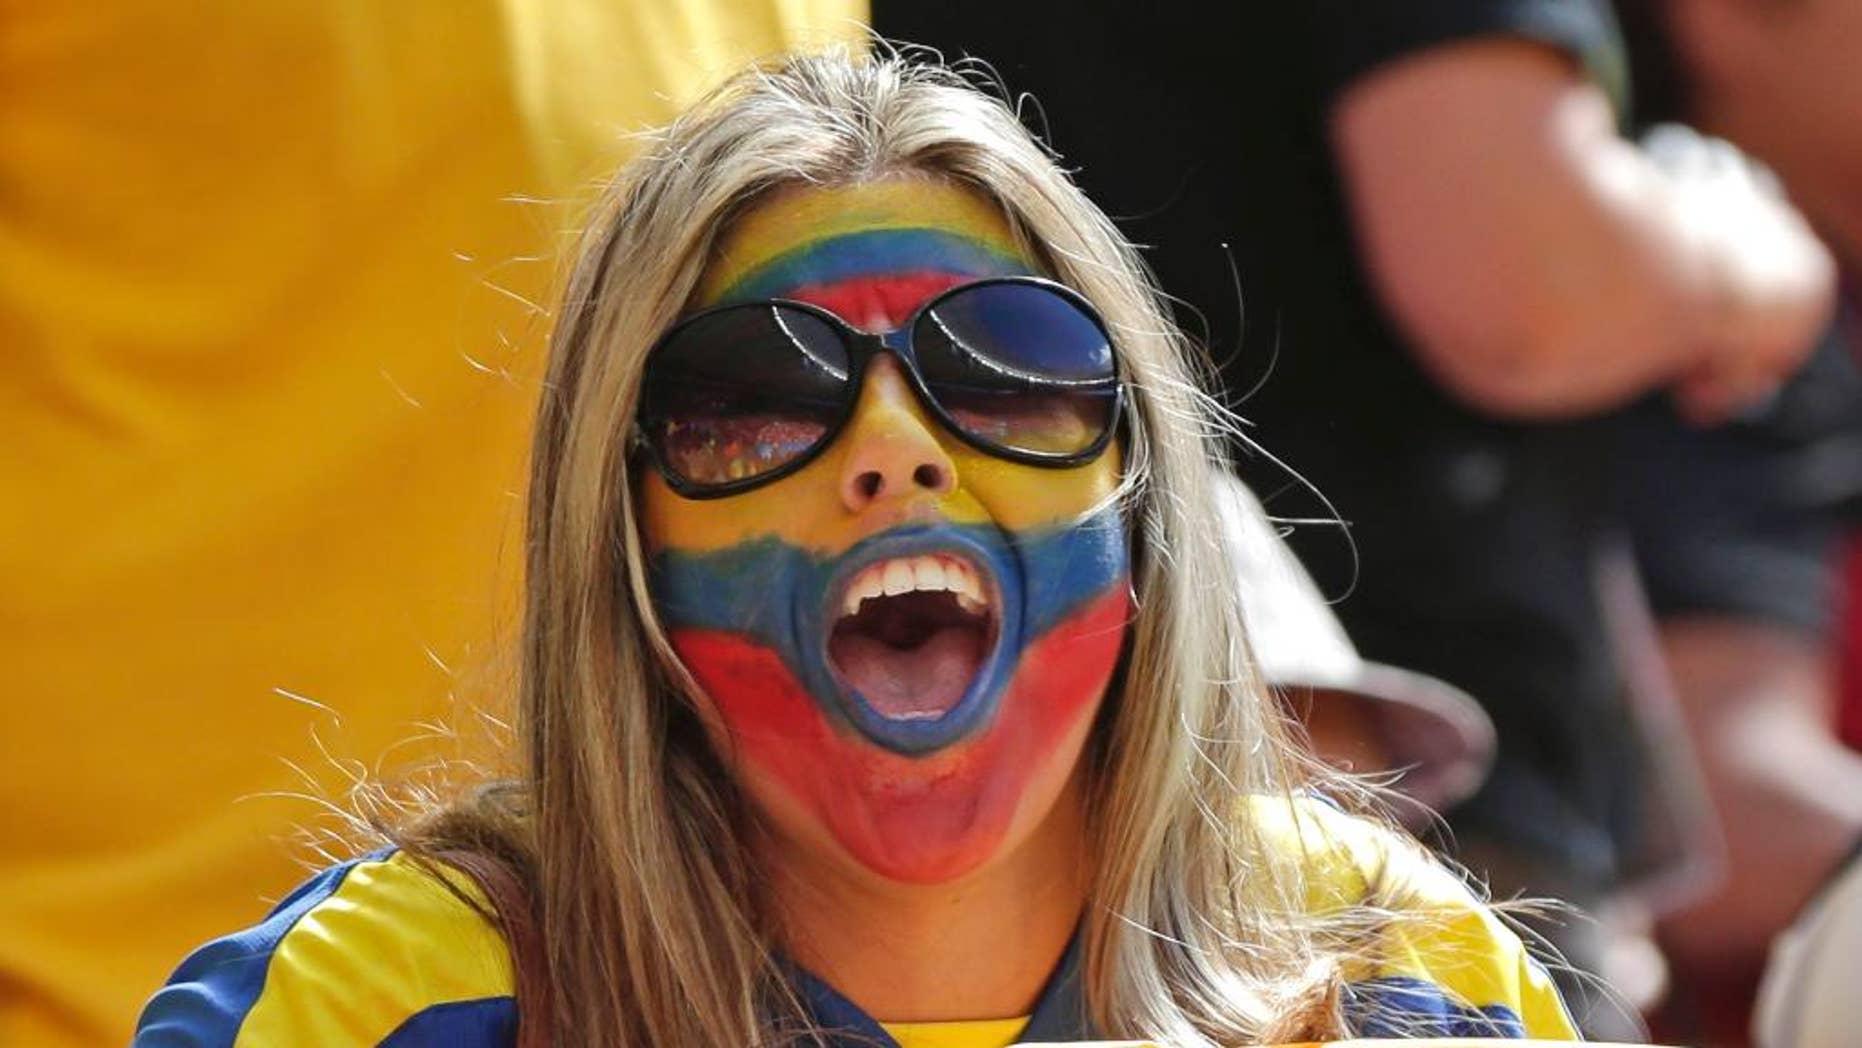 Una hincha ecuatoriana con la cara pintada agita una bandera antes del partido frente a Suiza, por el Grupo E del Mundial, disputado el domingo 15 de junio de 2014, en Brasilia (AP Foto/Marcio José Sánchez)